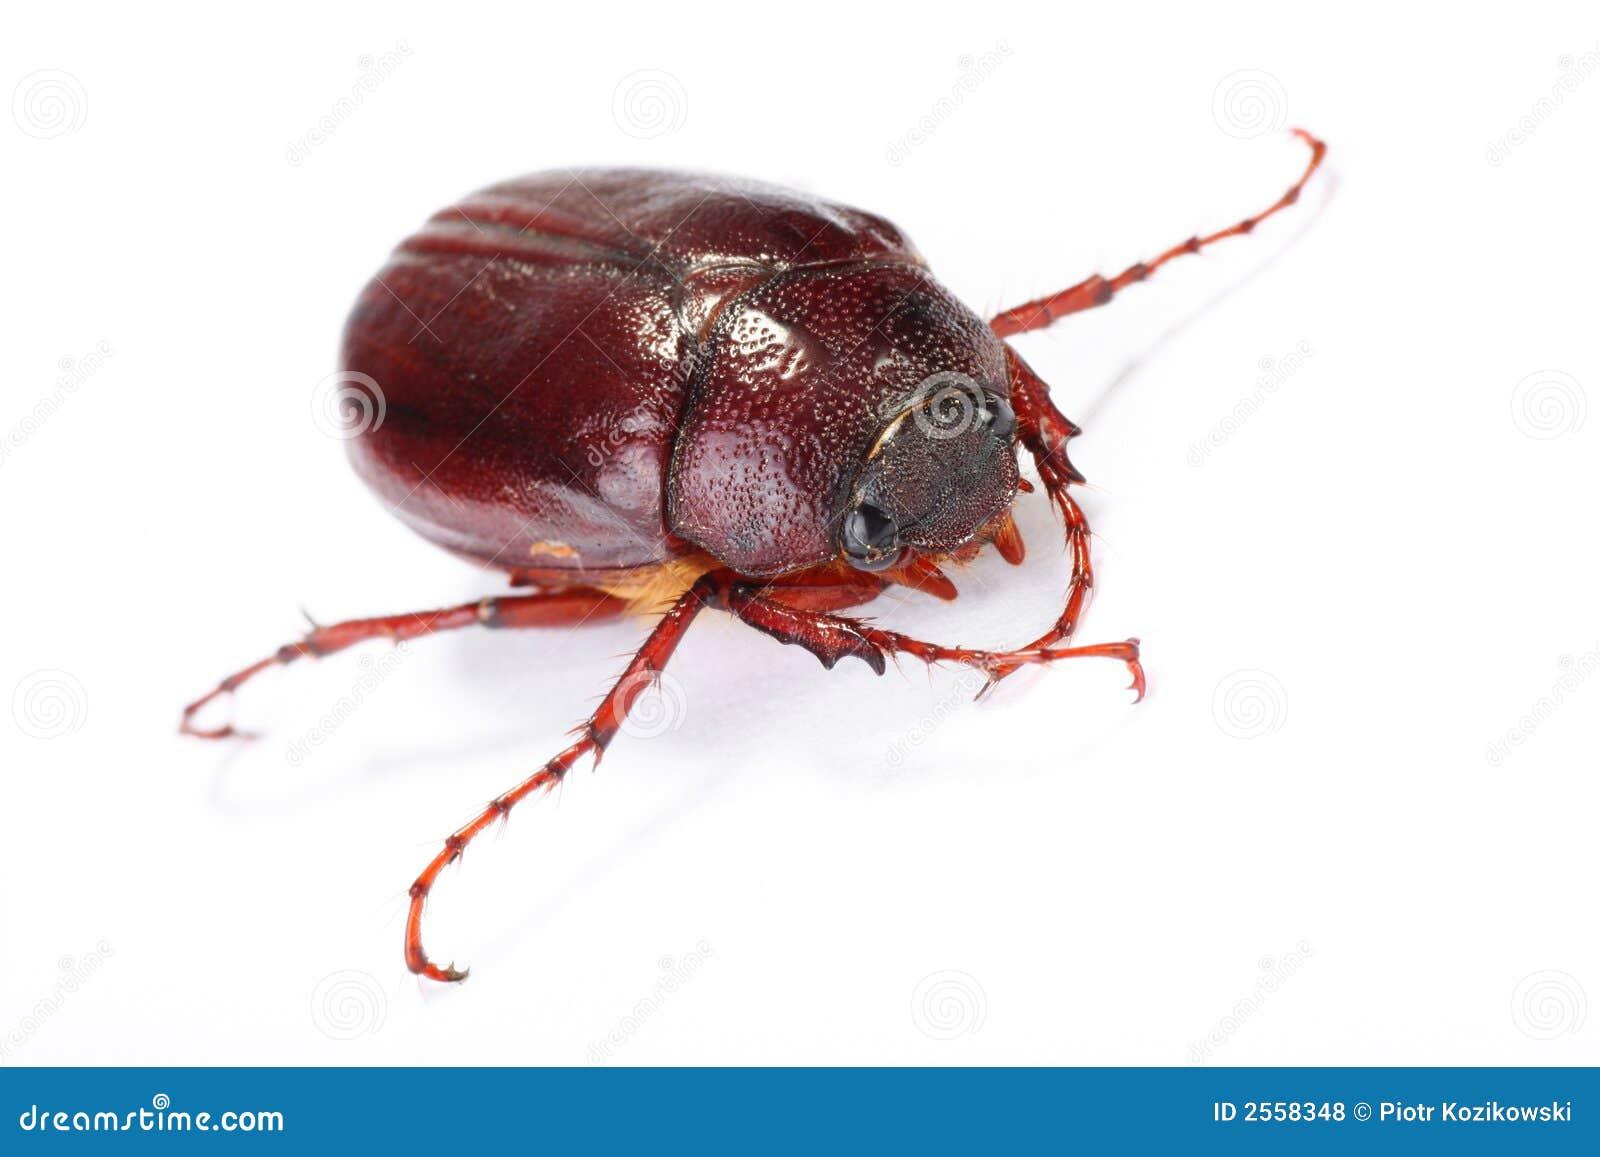 June bug on white stock photo  Image of shallow, junebeetle